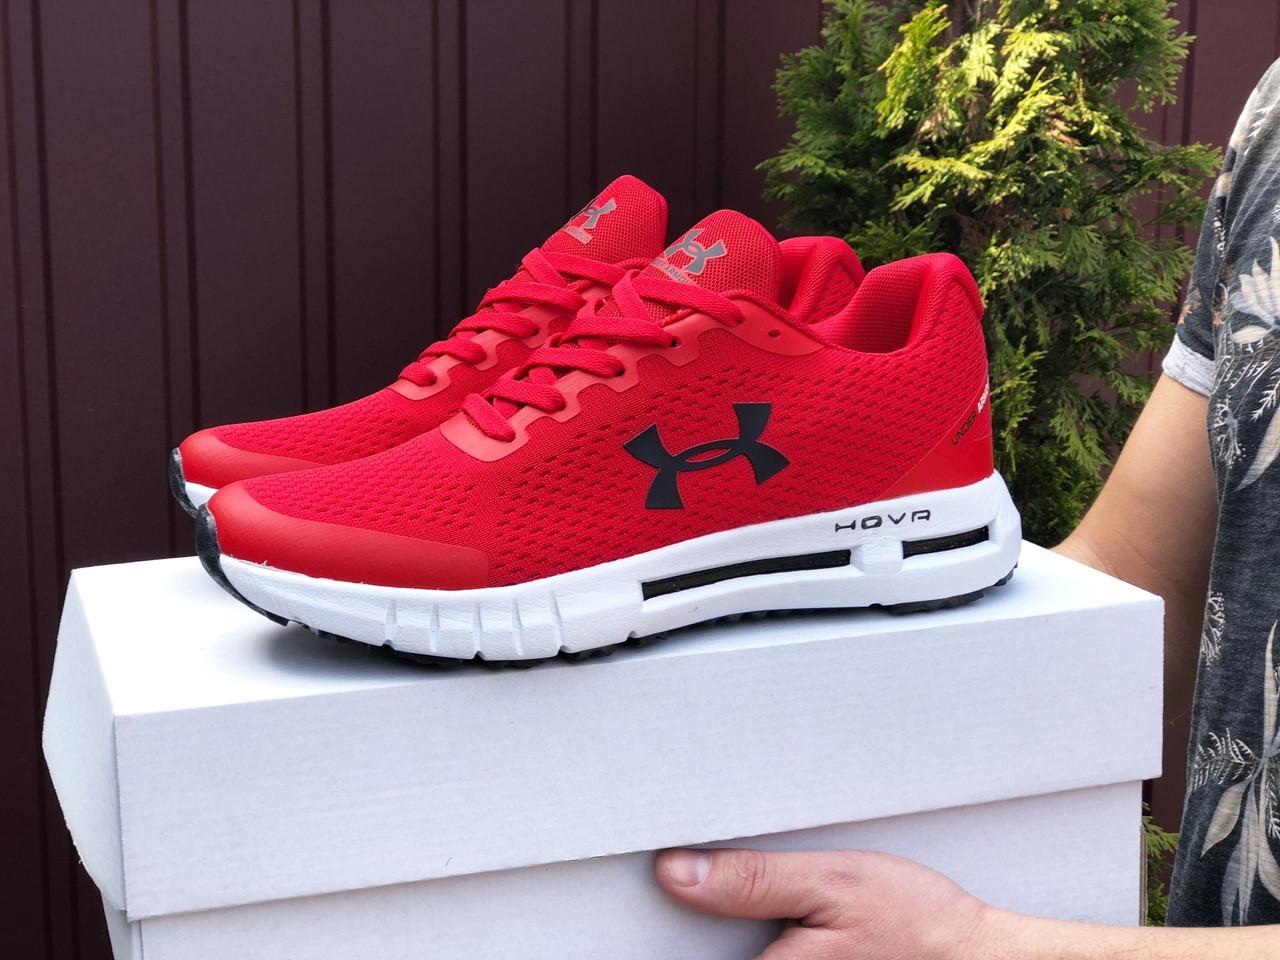 Under Armour мужские летние красные кроссовки на шнурках. Весенние мужские на сетке кроссы